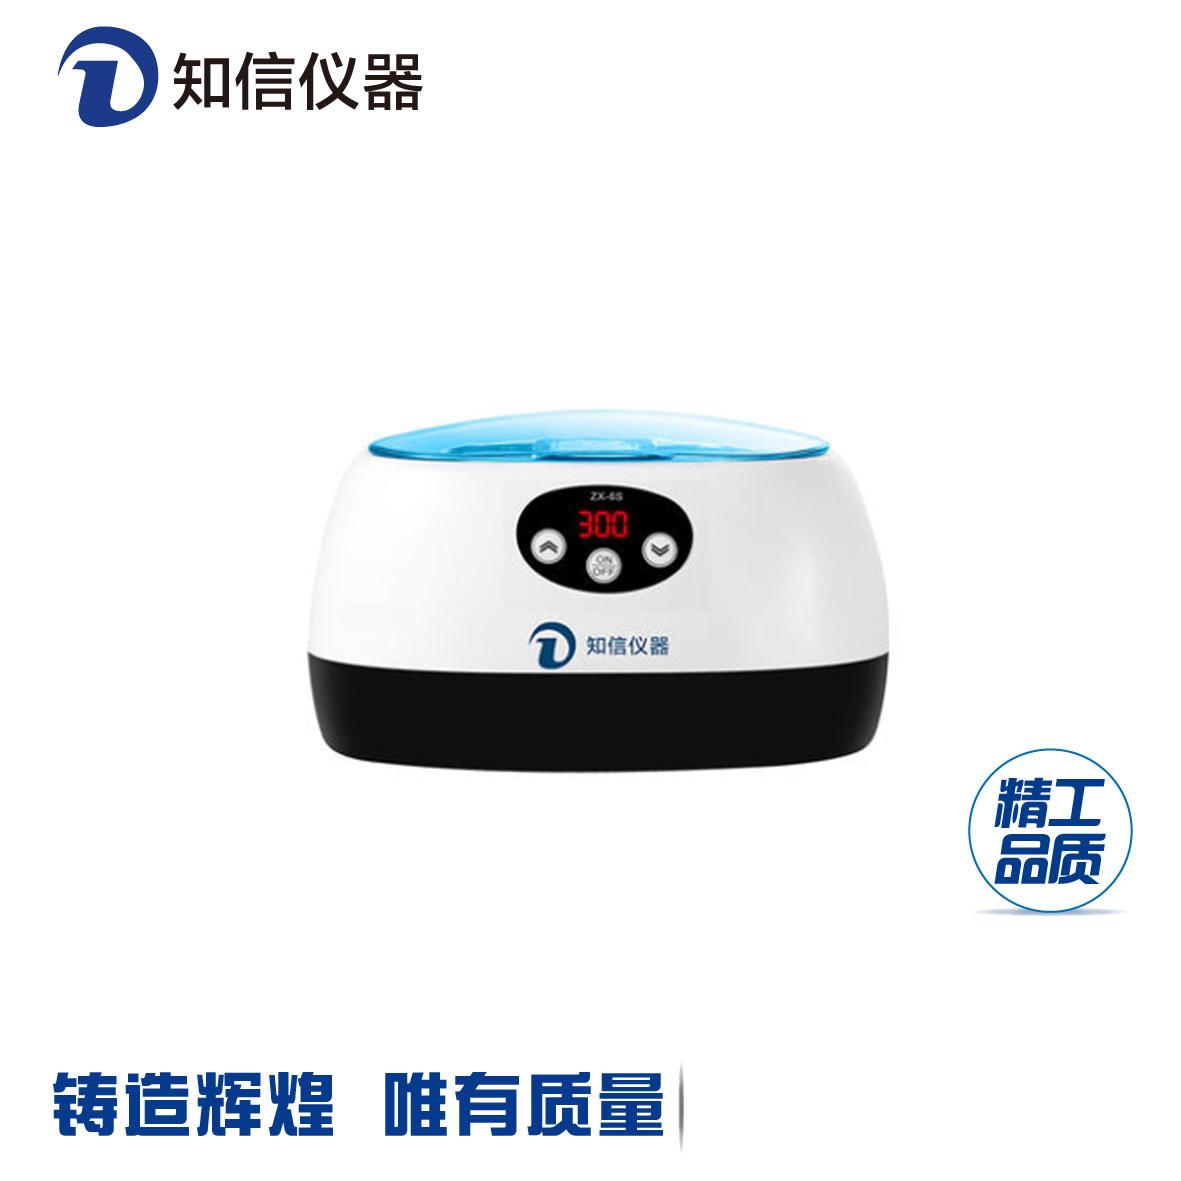 上海知信迷你型超声波清洗机ZX-6S